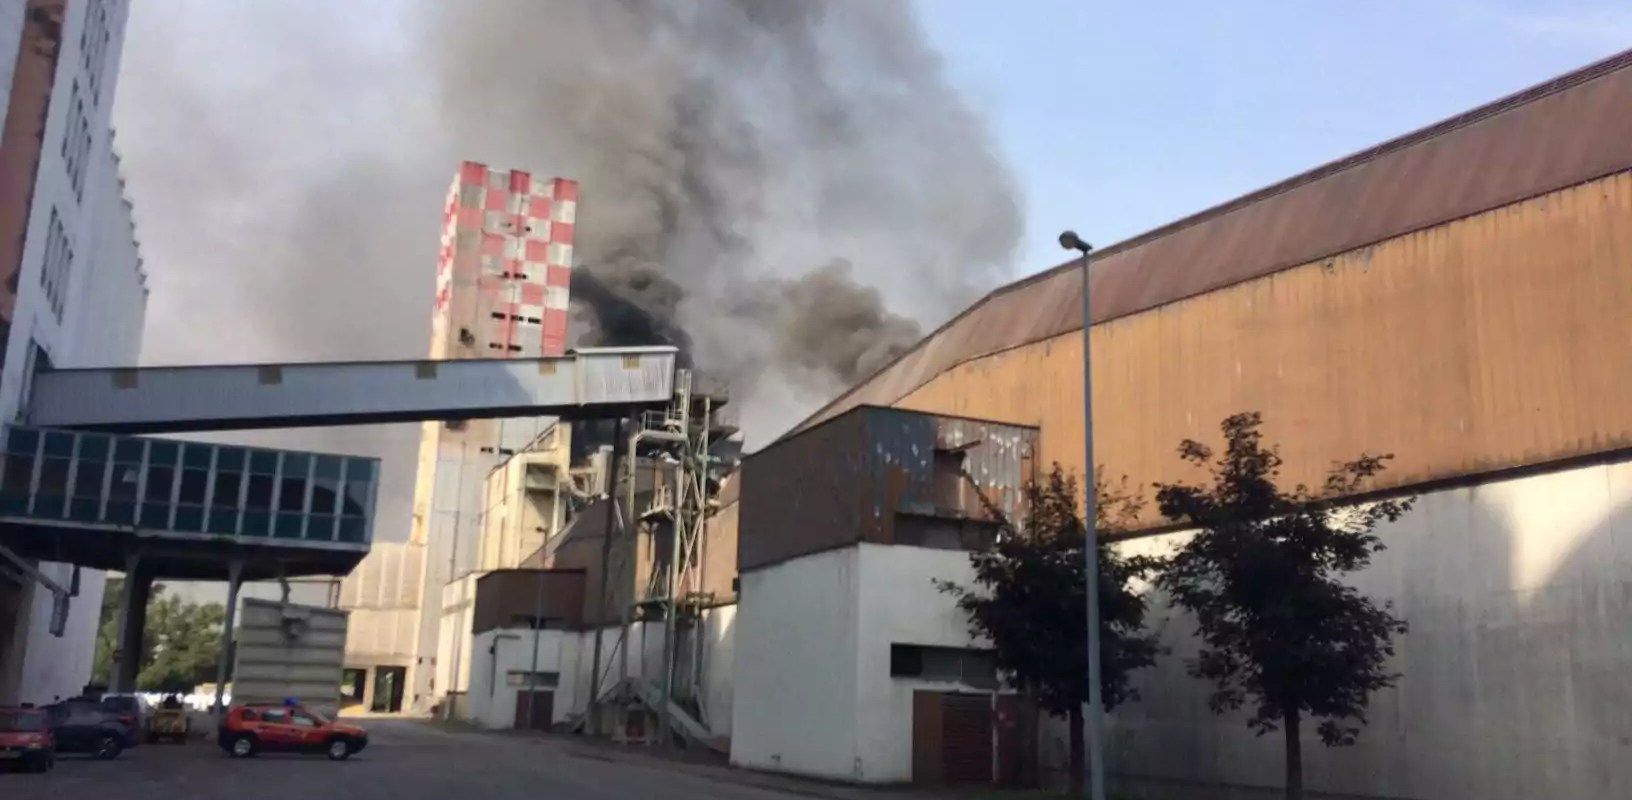 4 blessés dans l'explosion d'un silo au port de Strasbourg